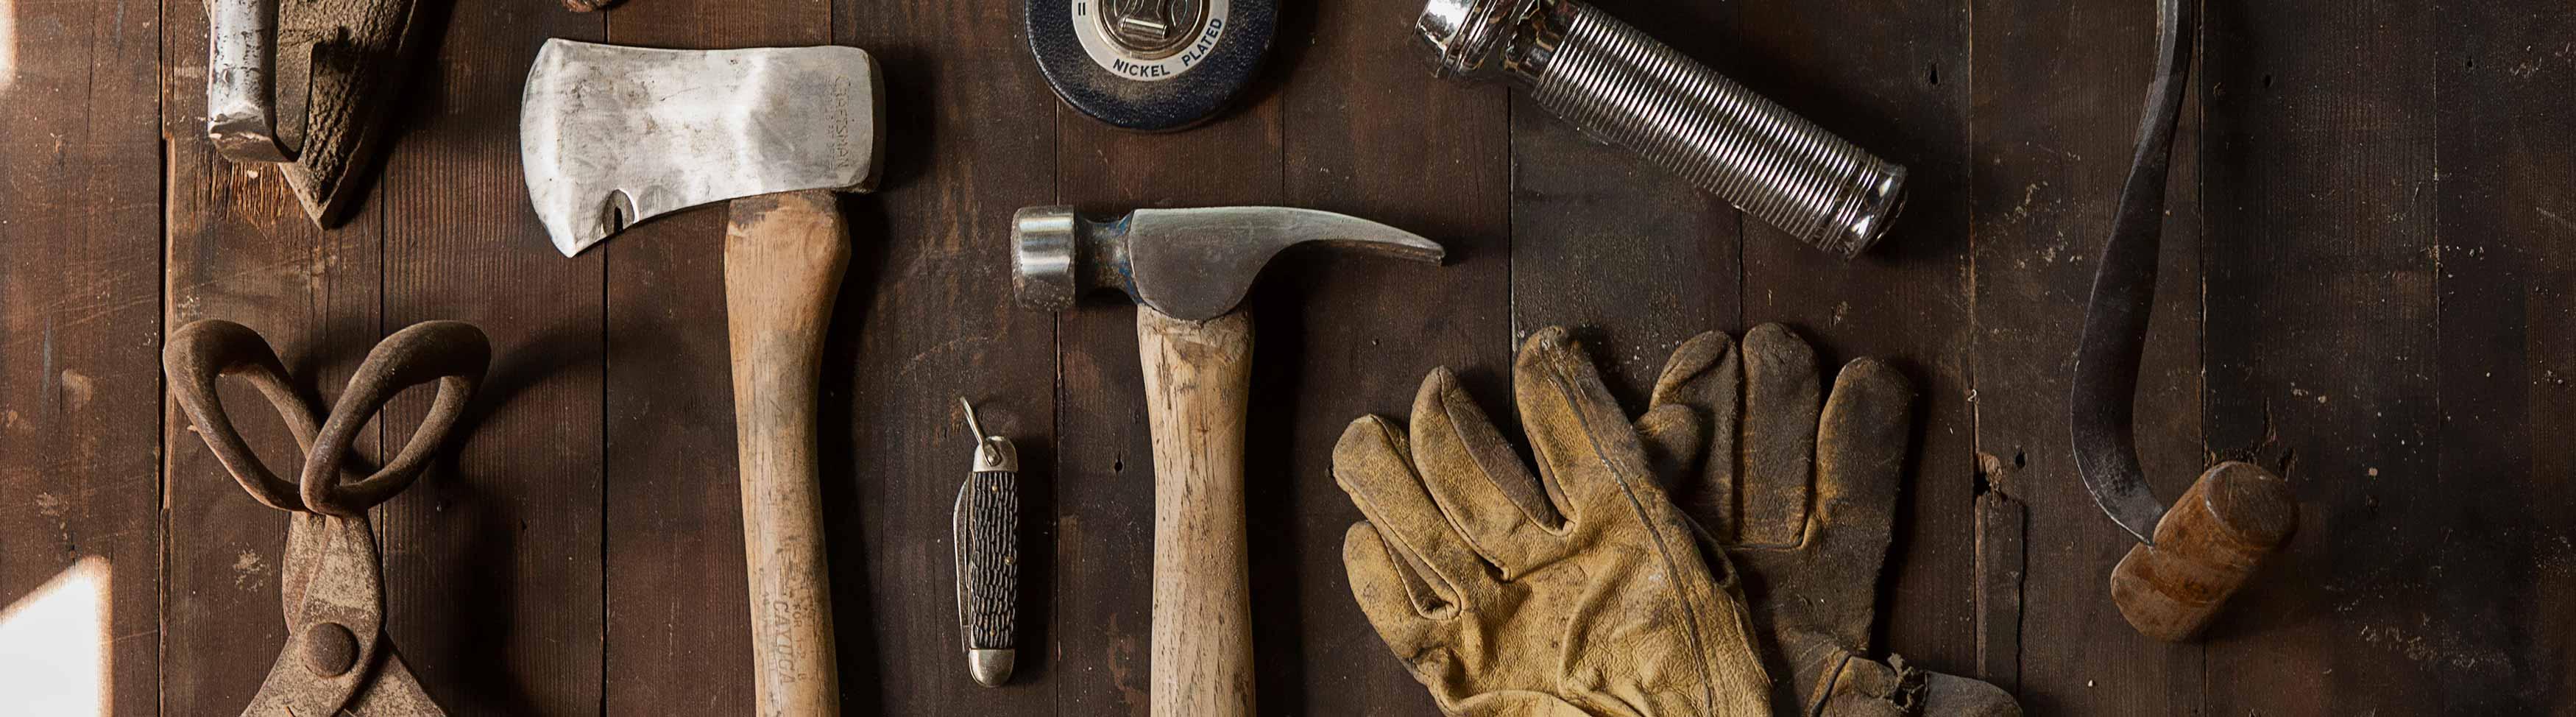 Markkinoinnin työkalut muuttuvat jatkuvasti